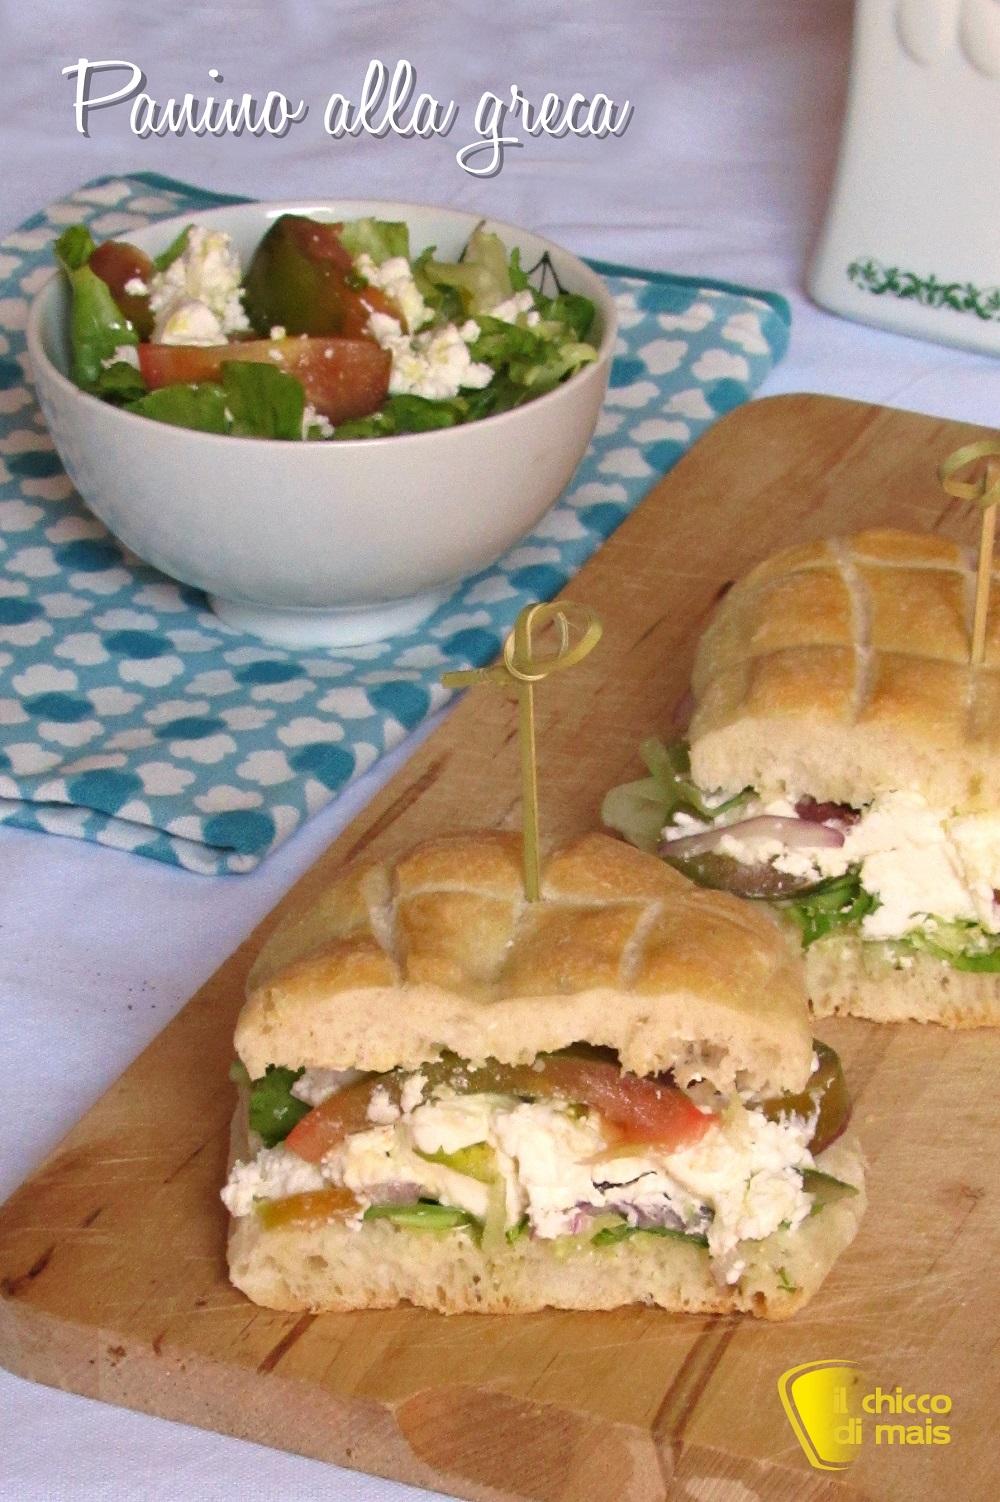 verticale_panino alla greca con feta ricetta facile estiva il chicco di mais